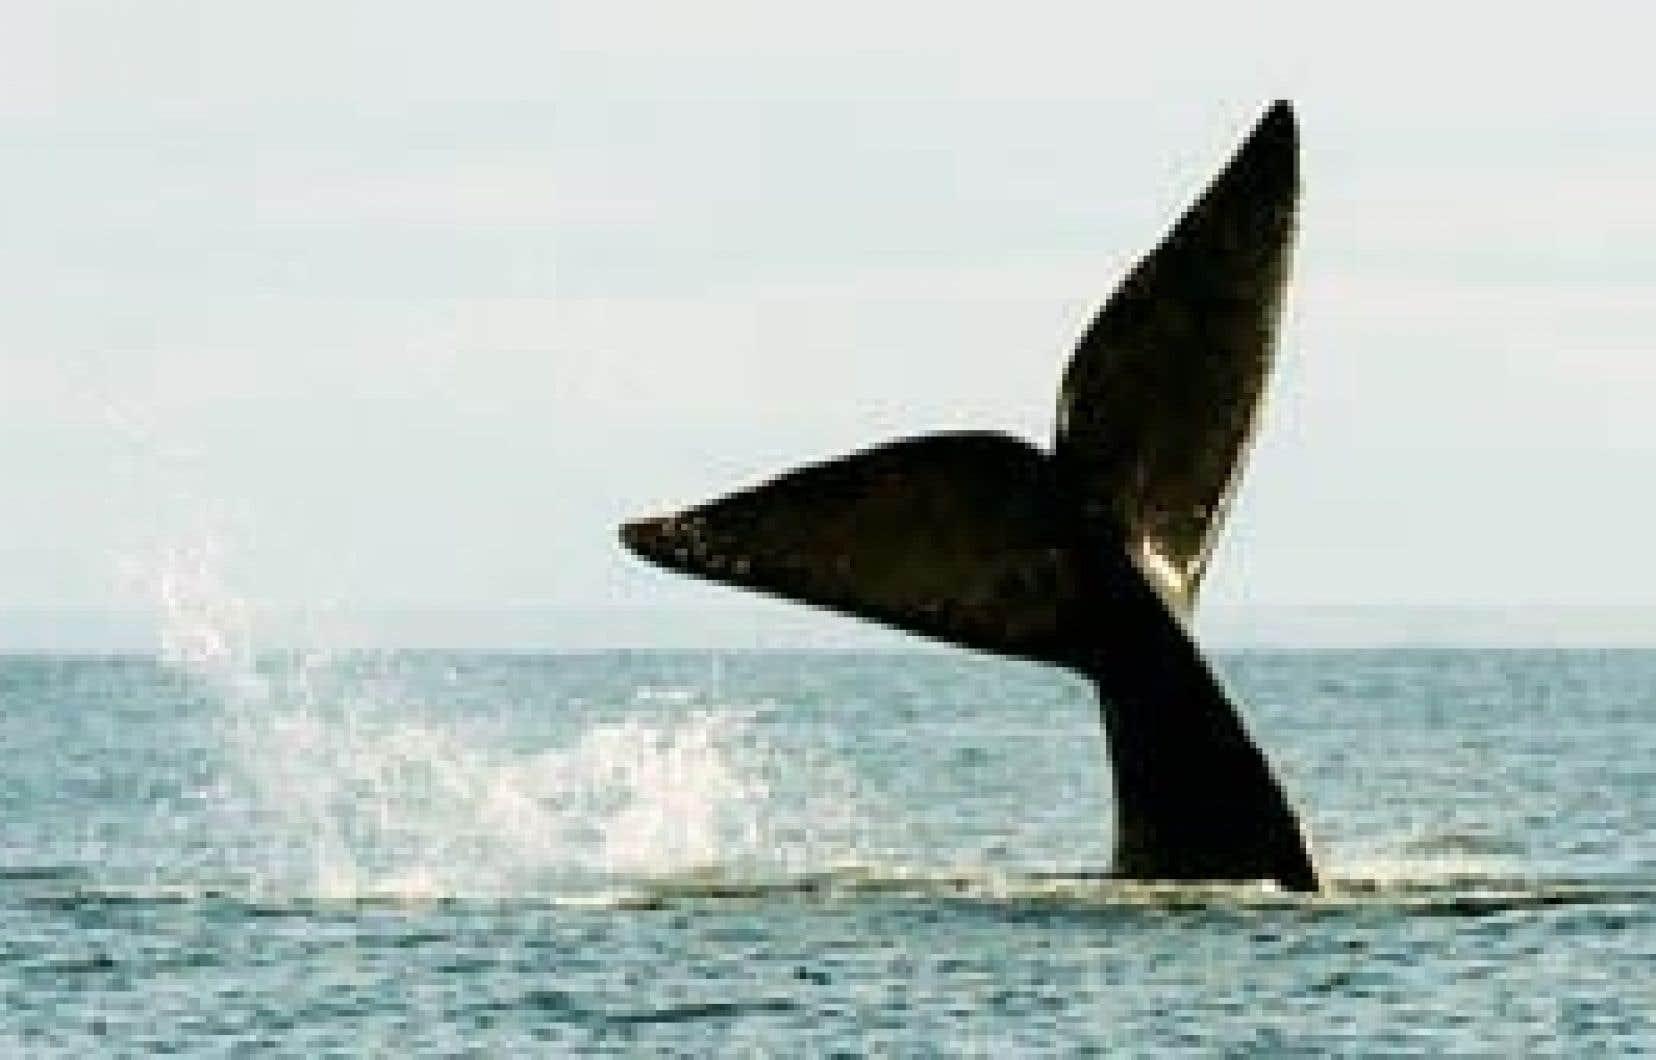 Une baleine franche se prépare à plonger. Le «brouillard sonore» qui envahit les mers affecte le système de communication des grands mammifères marins, les désoriente et les amène à changer leurs comportements.